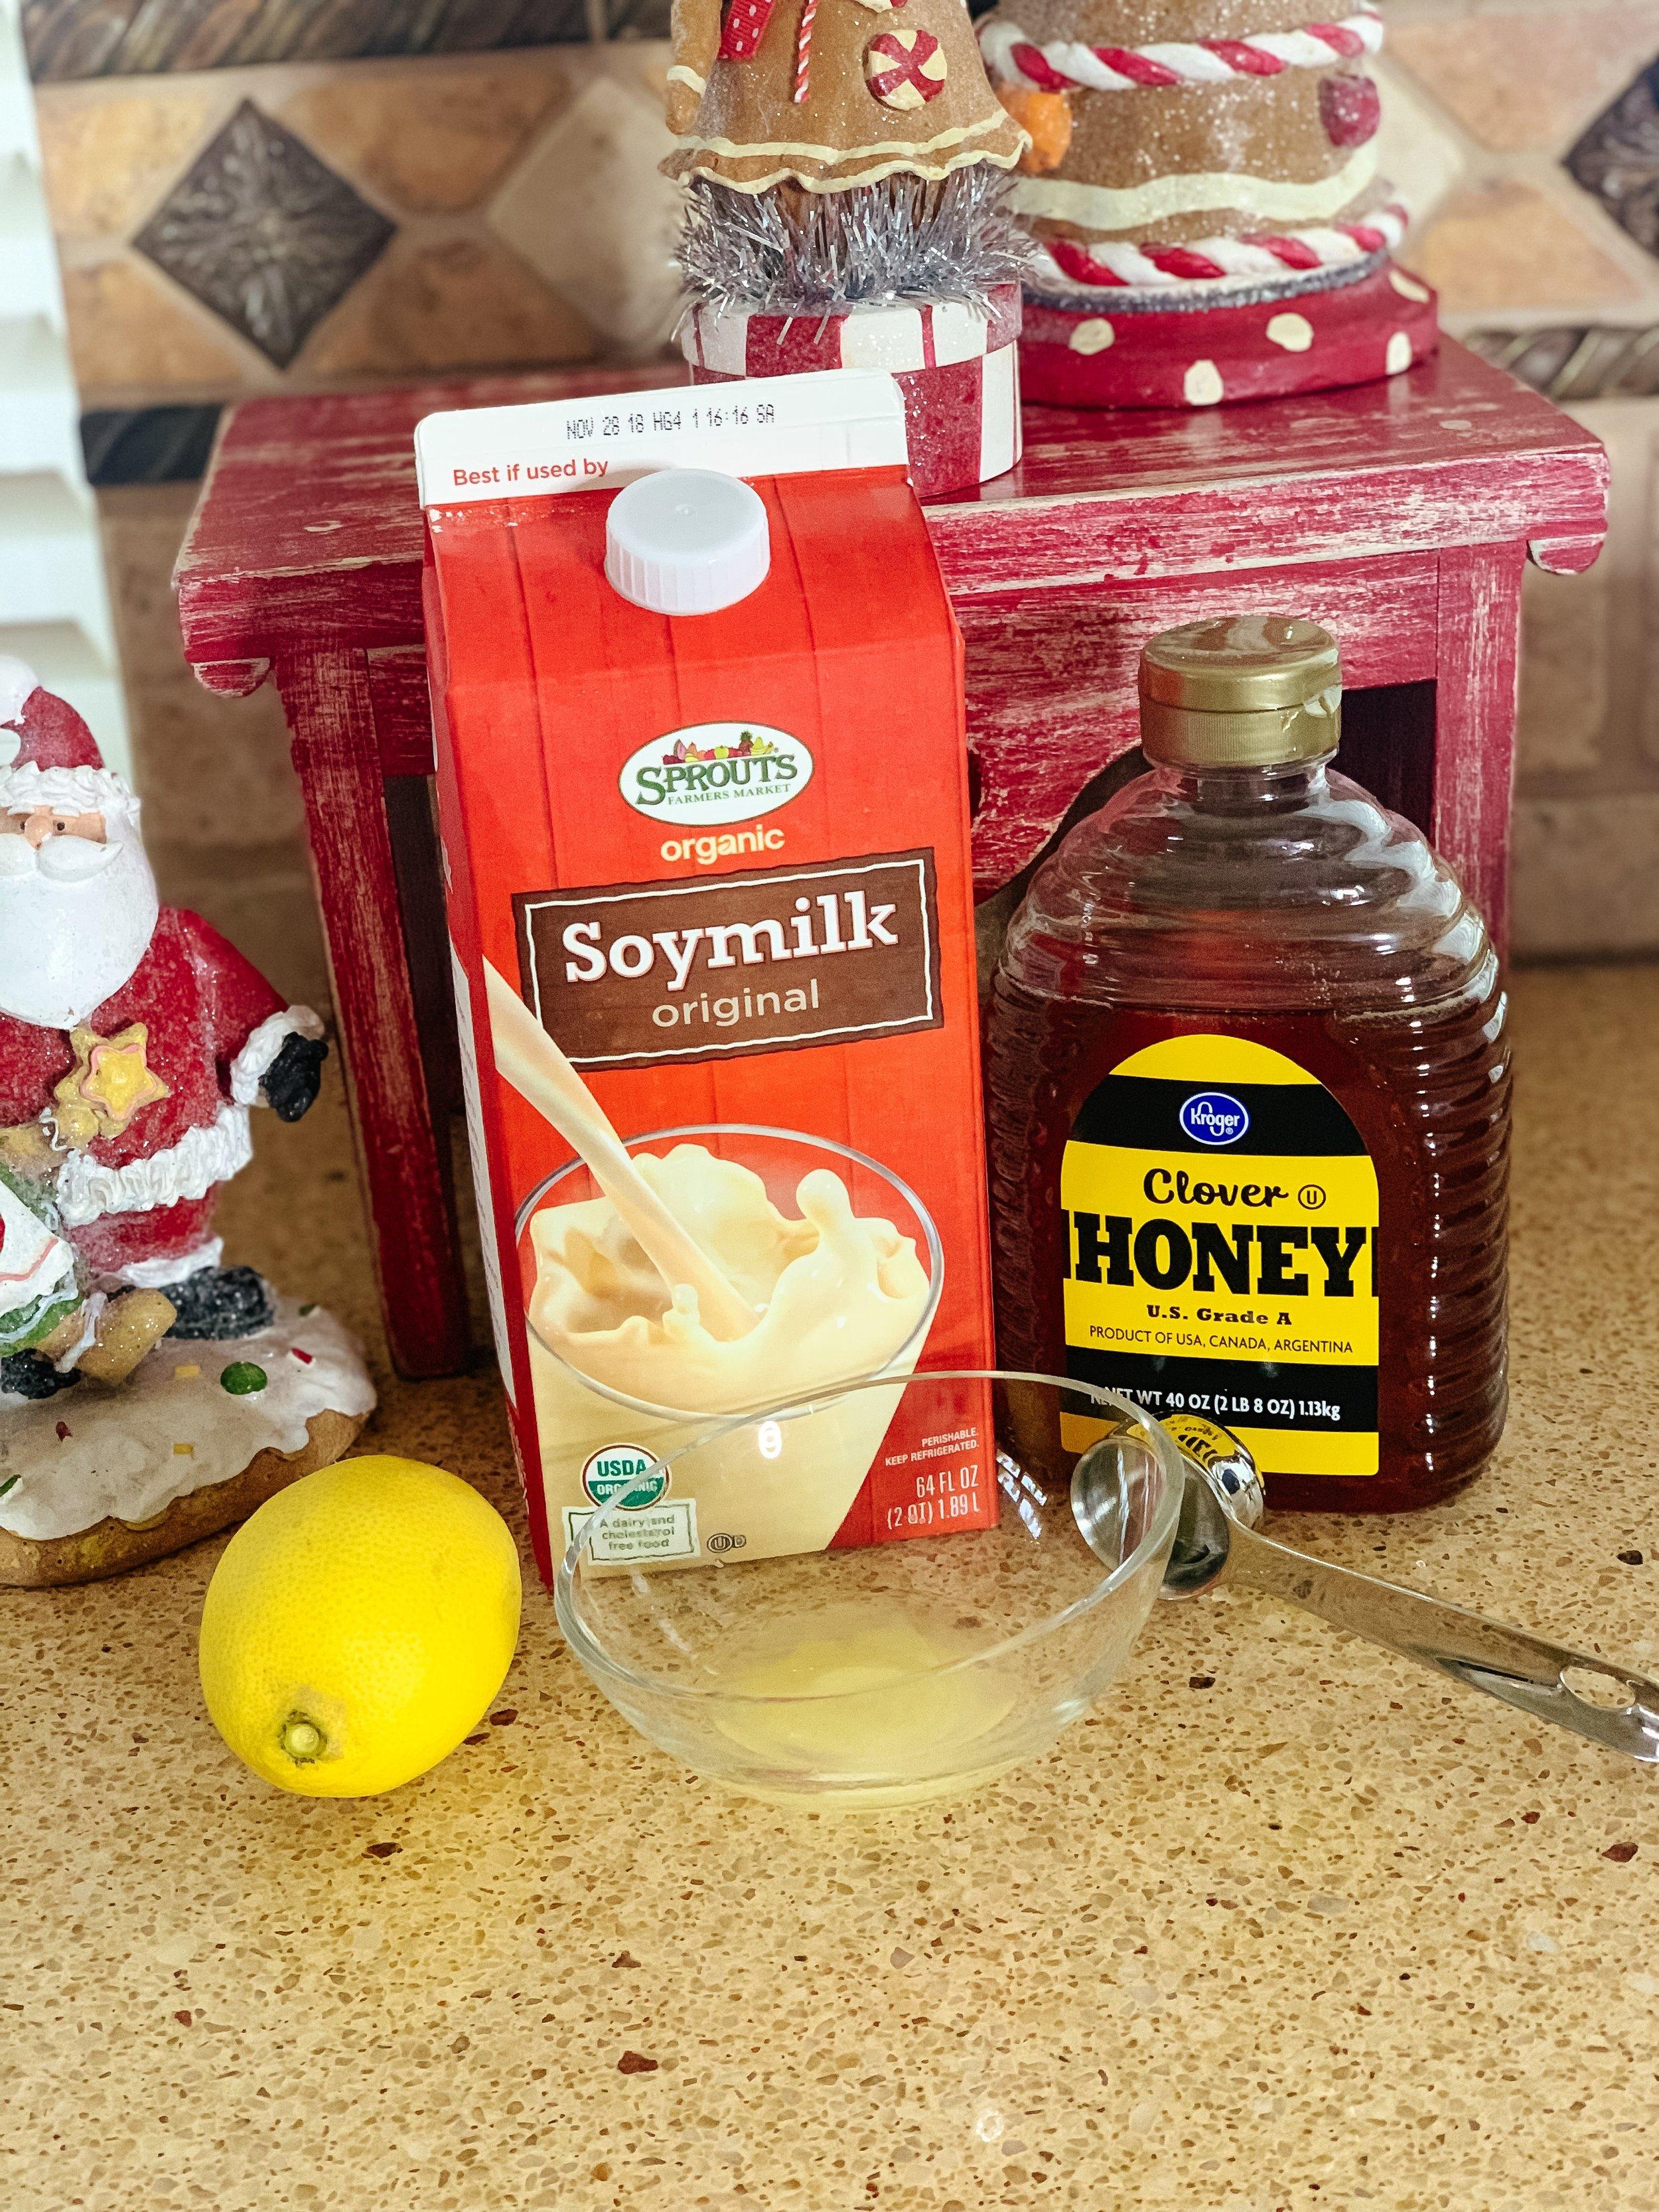 Potion - Honey, soy milk, lemon!